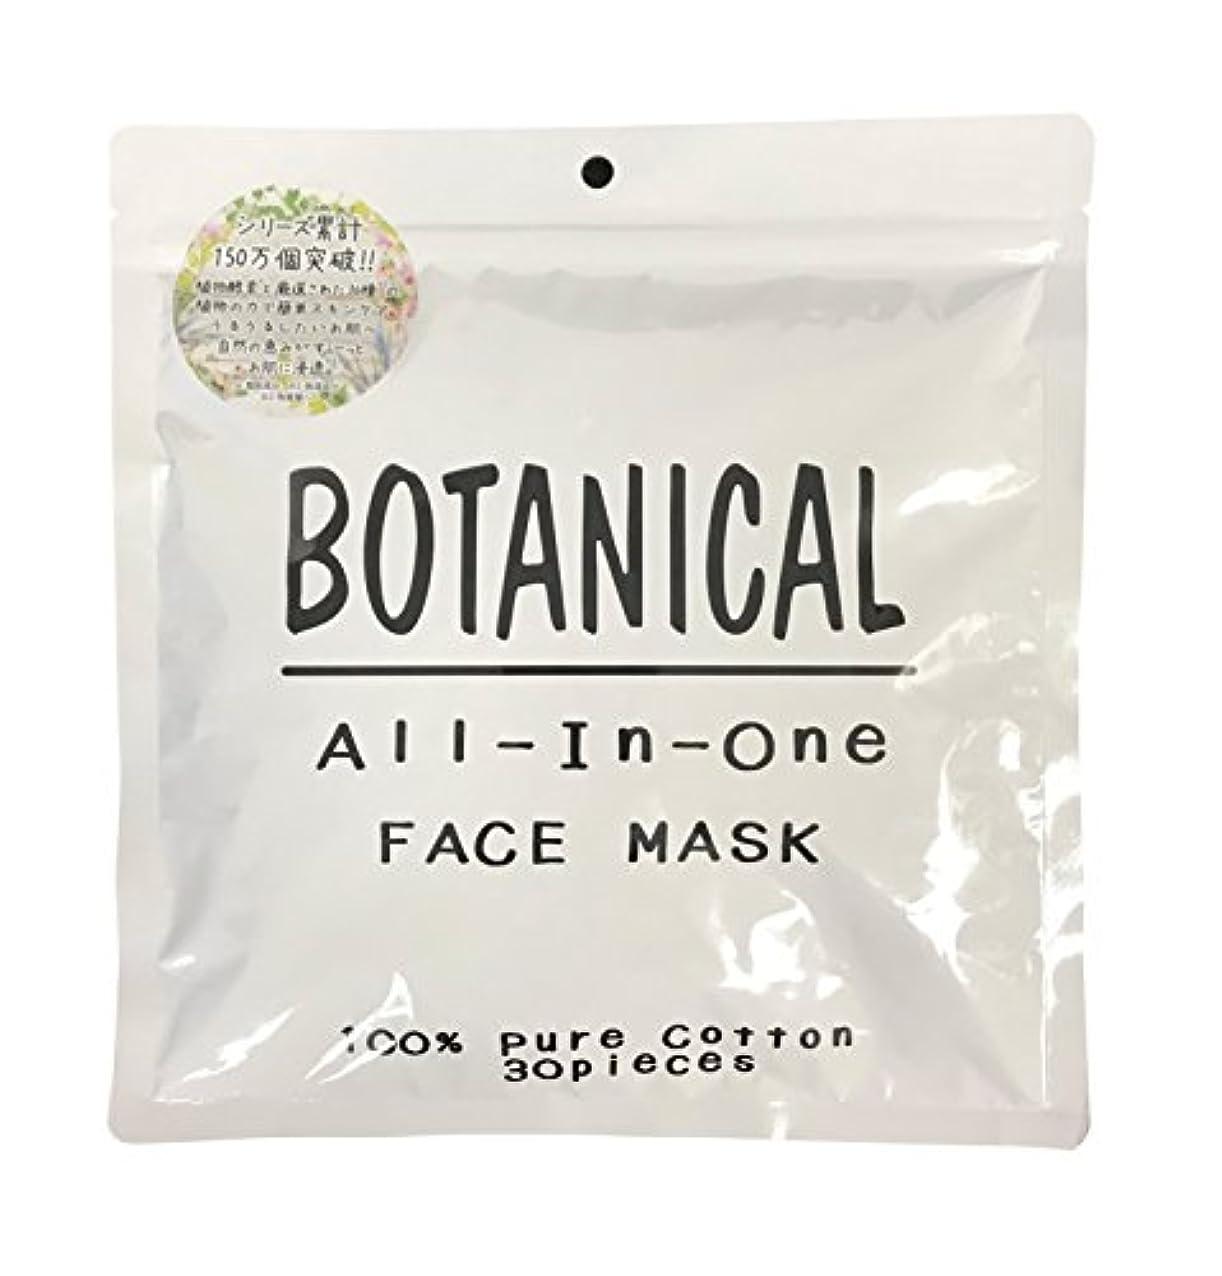 群がるパントリー懐疑的ボタニカル(BOTANICAL) オールインワン フェイスマスク 30枚入